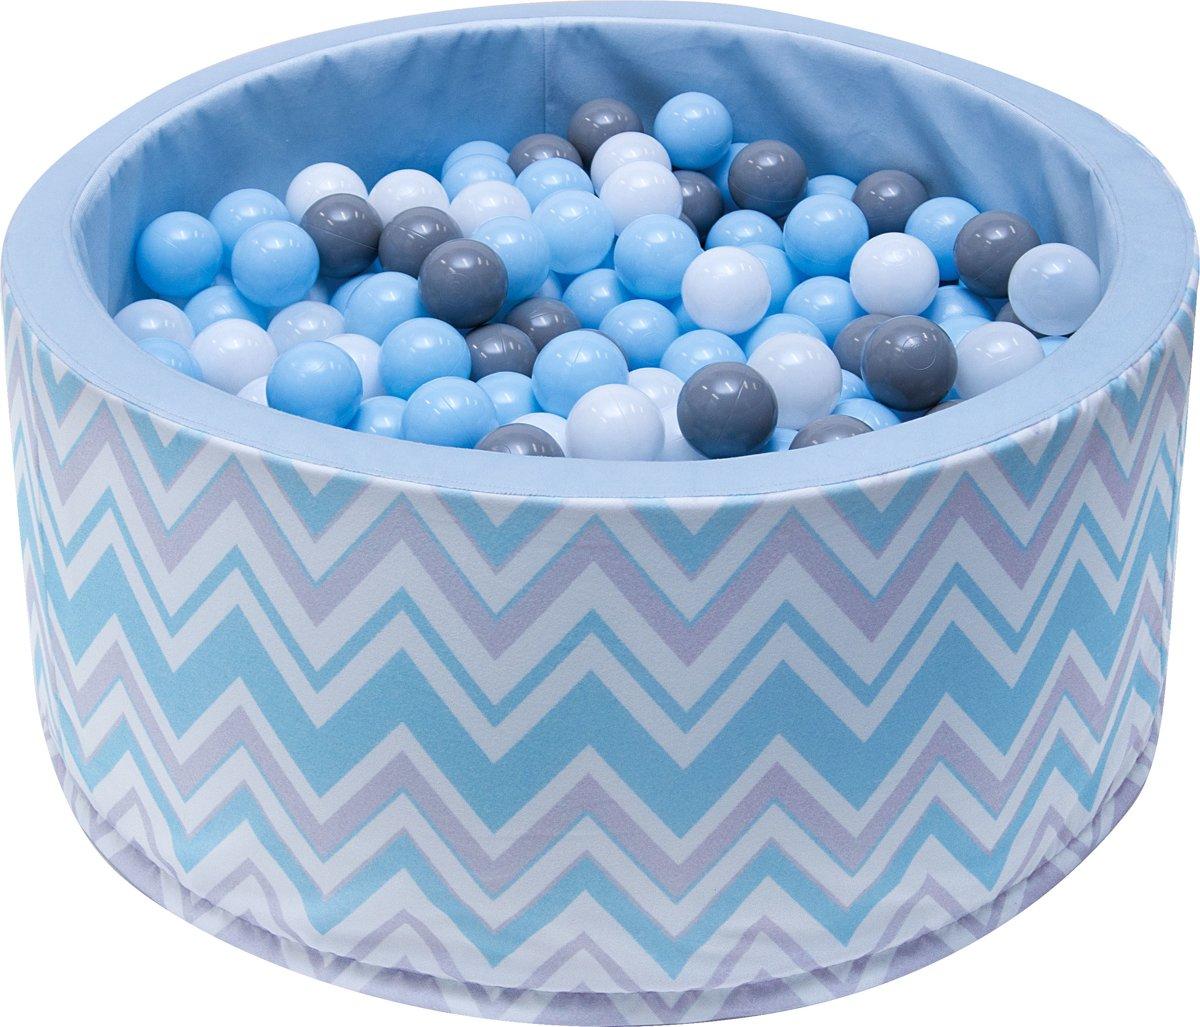 Ballenbak - stevige ballenbad -90 x 40 cm - 200 ballen Ø 7 cm - blauw, wit, grijs en zwart